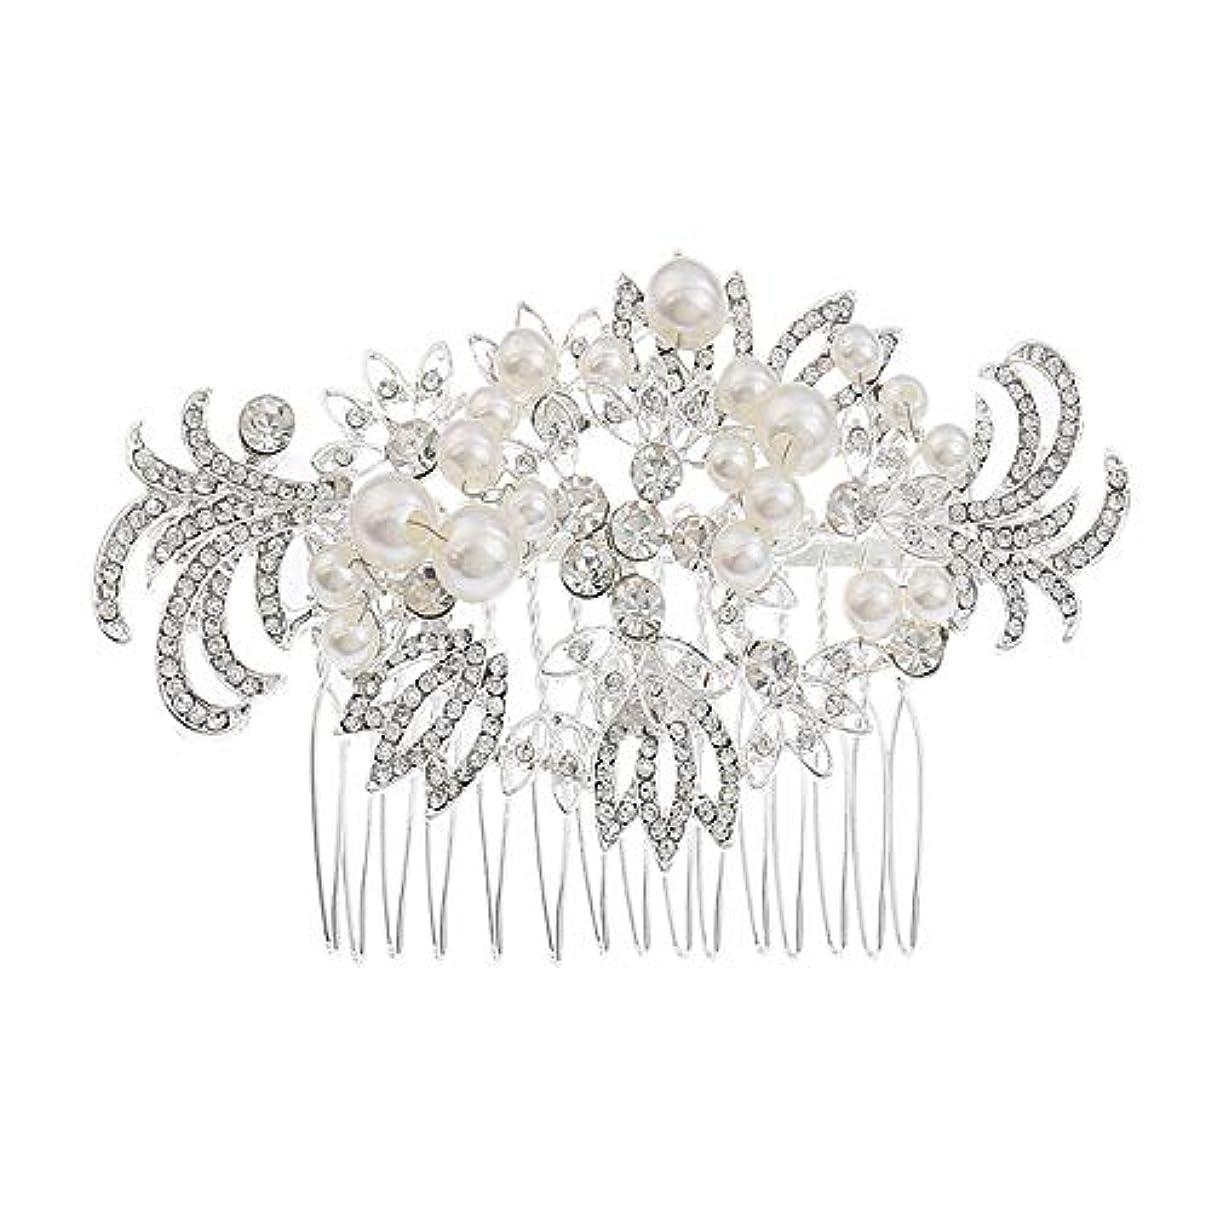 地下室抽象化リスナー髪の櫛挿入櫛花嫁の髪櫛真珠の髪の櫛ラインストーンの髪の櫛結婚式のヘアアクセサリー合金の帽子ブライダルヘッドドレス